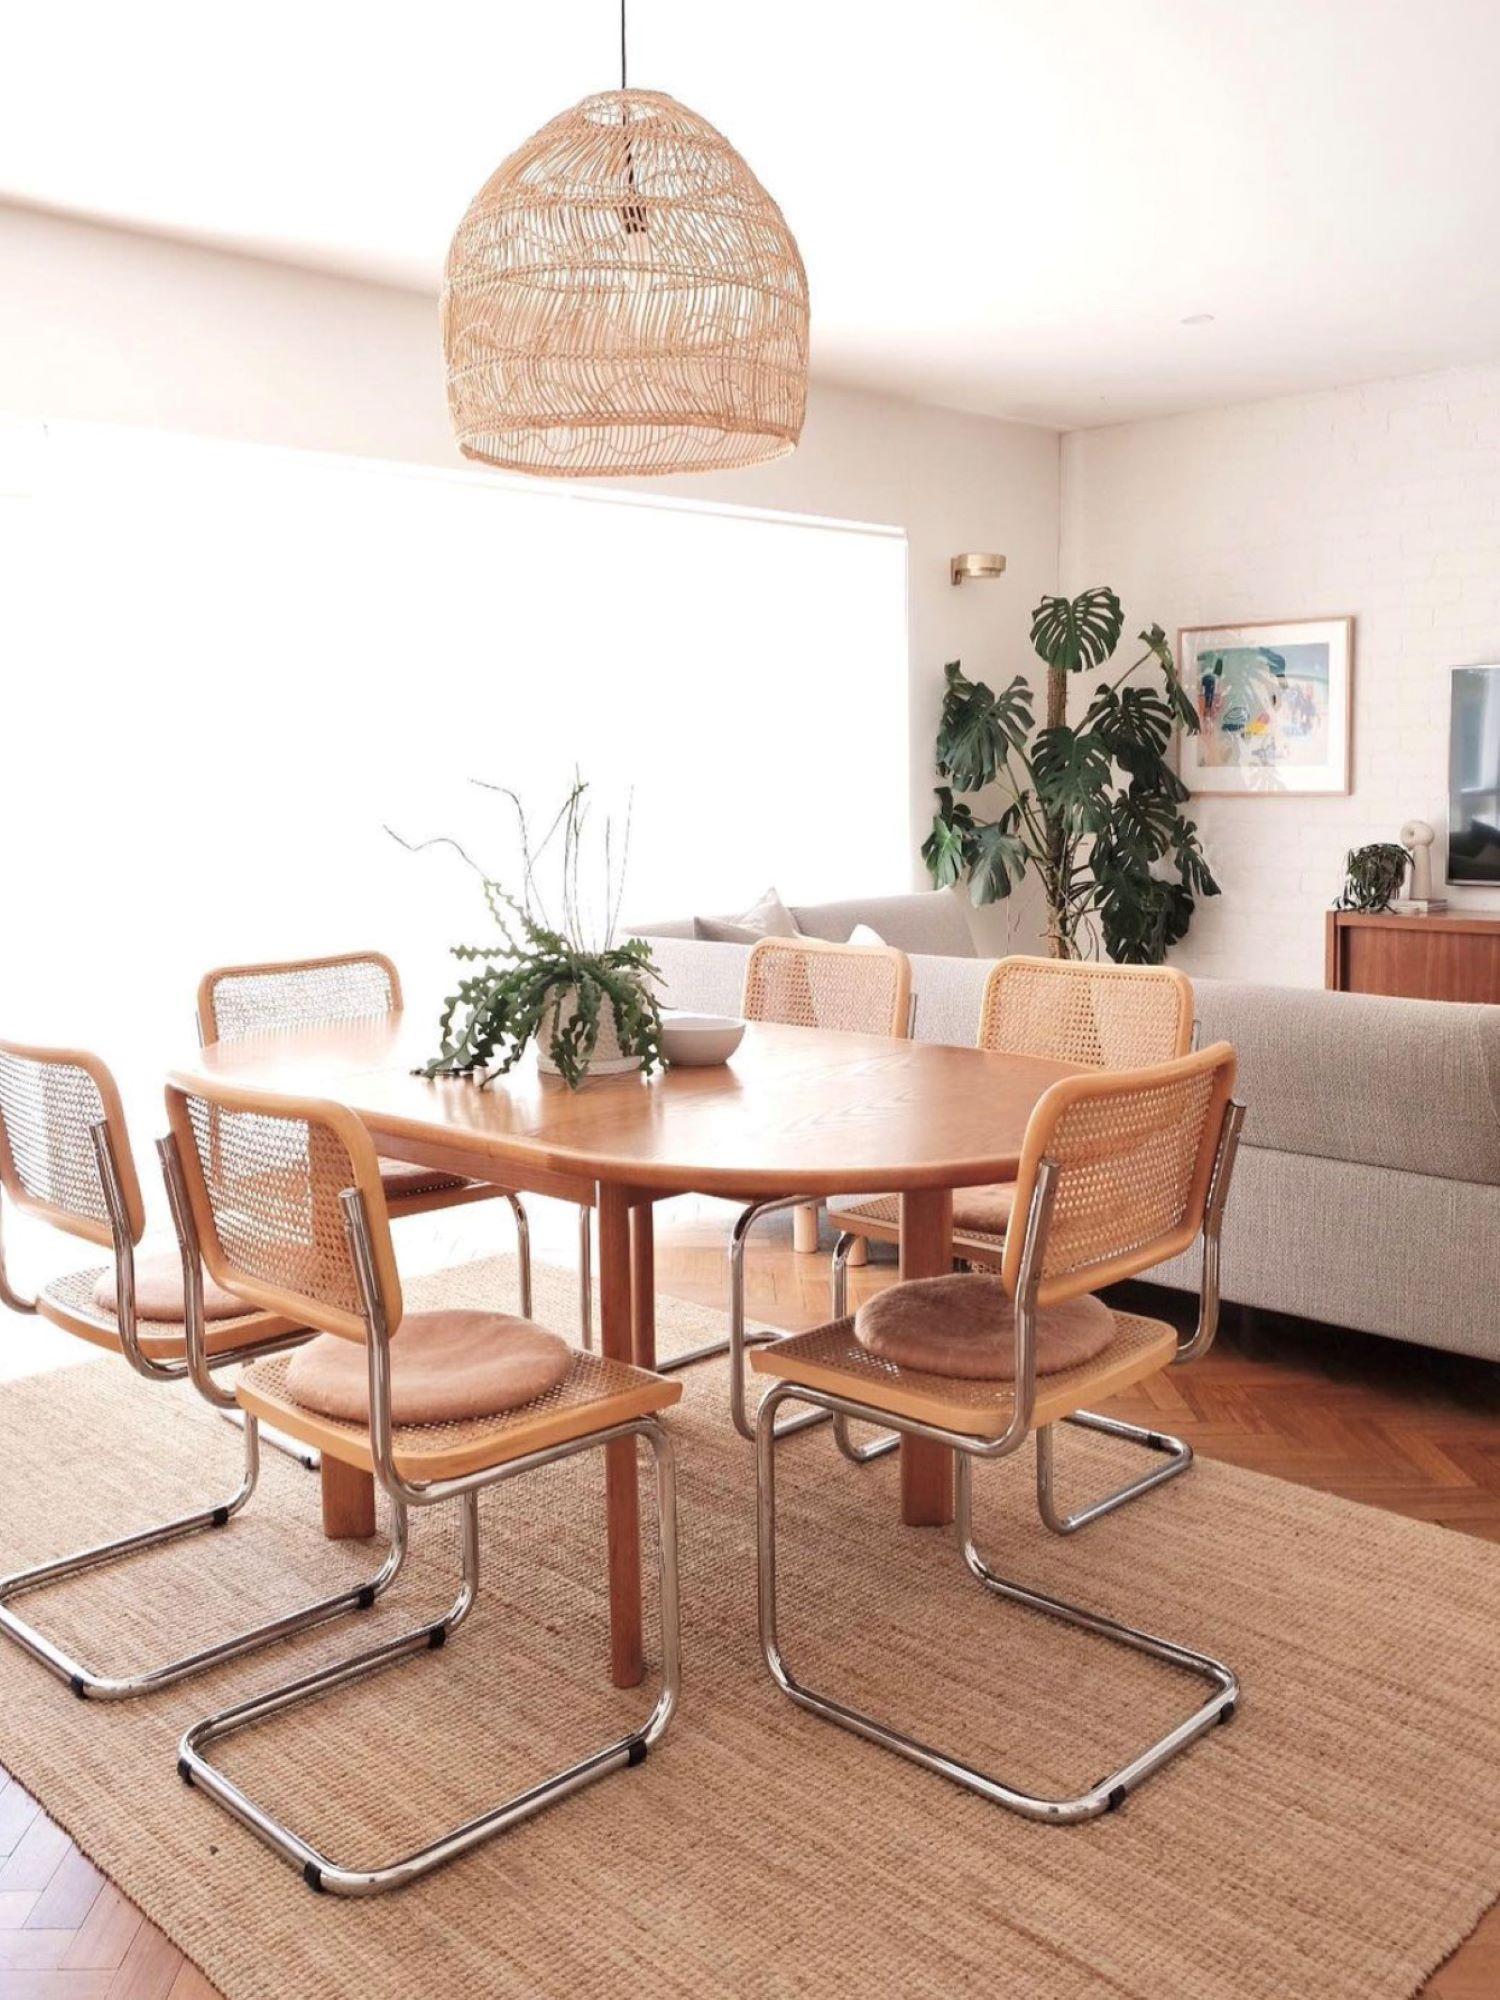 Interior designer Bettina Brent mid century inspired dining room